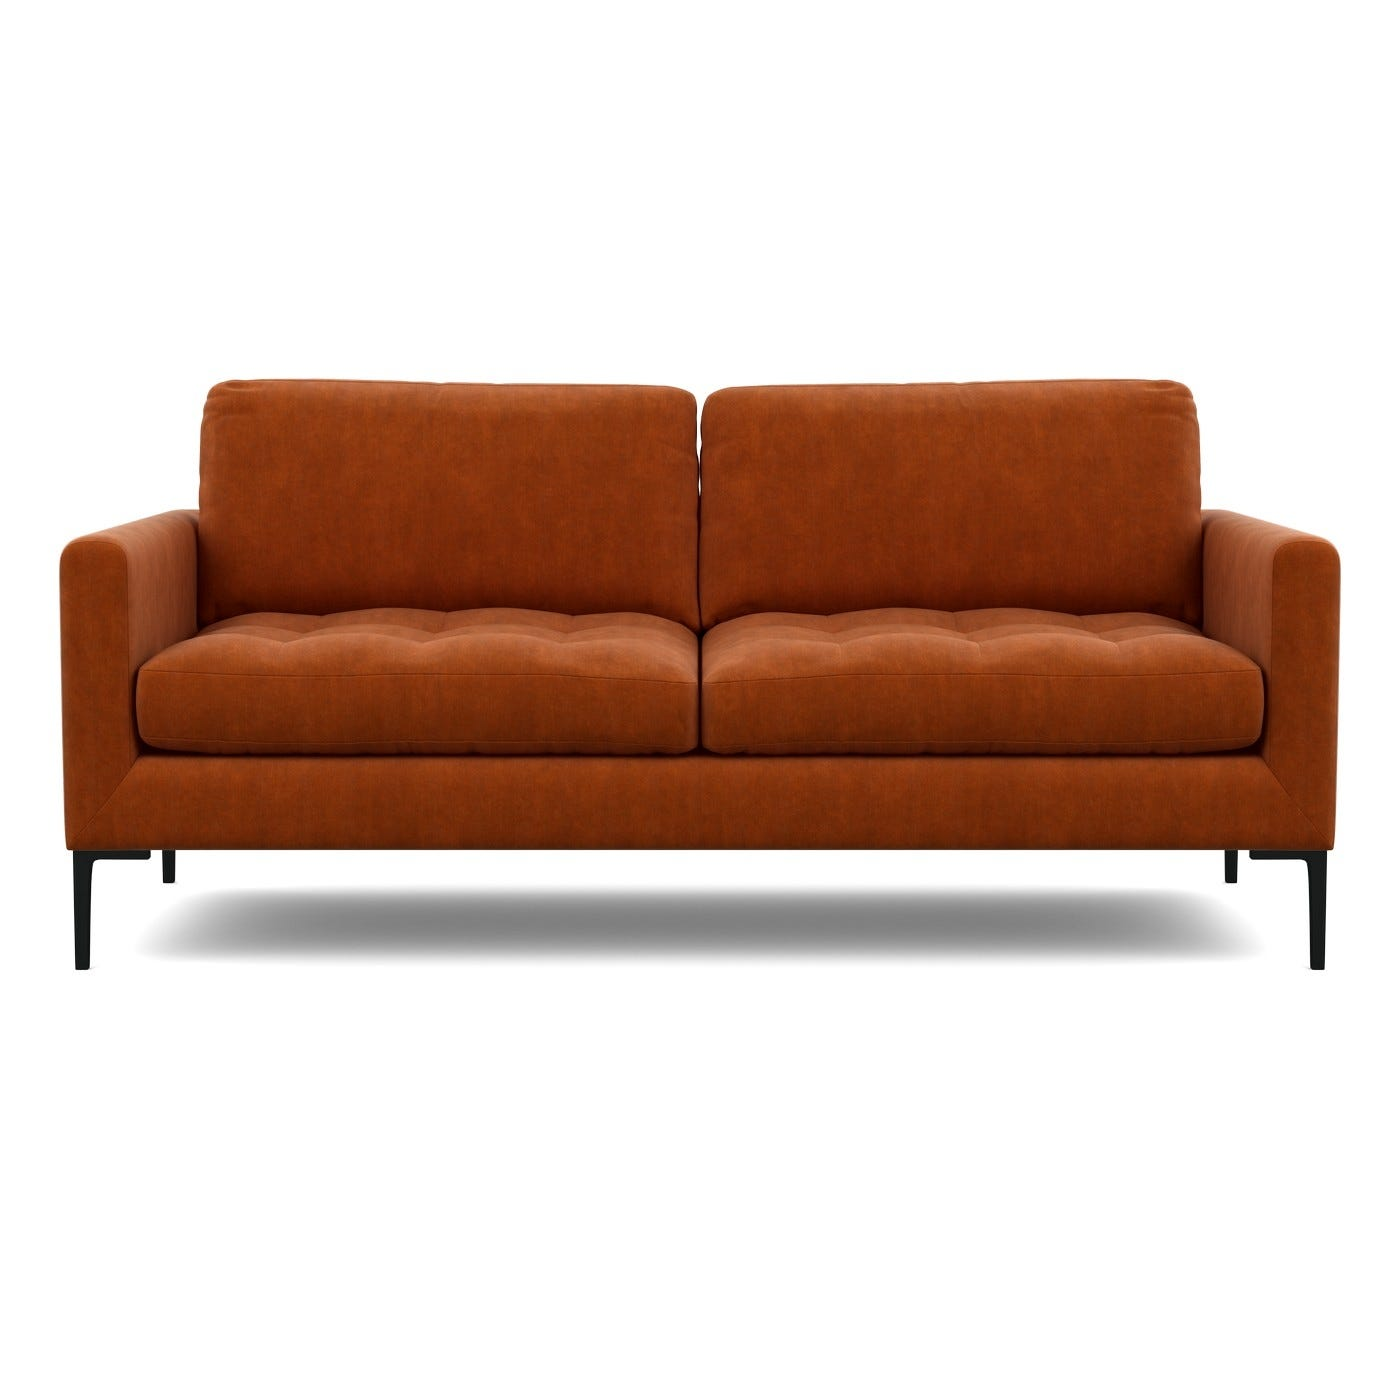 Eton 3 Seater Sofa